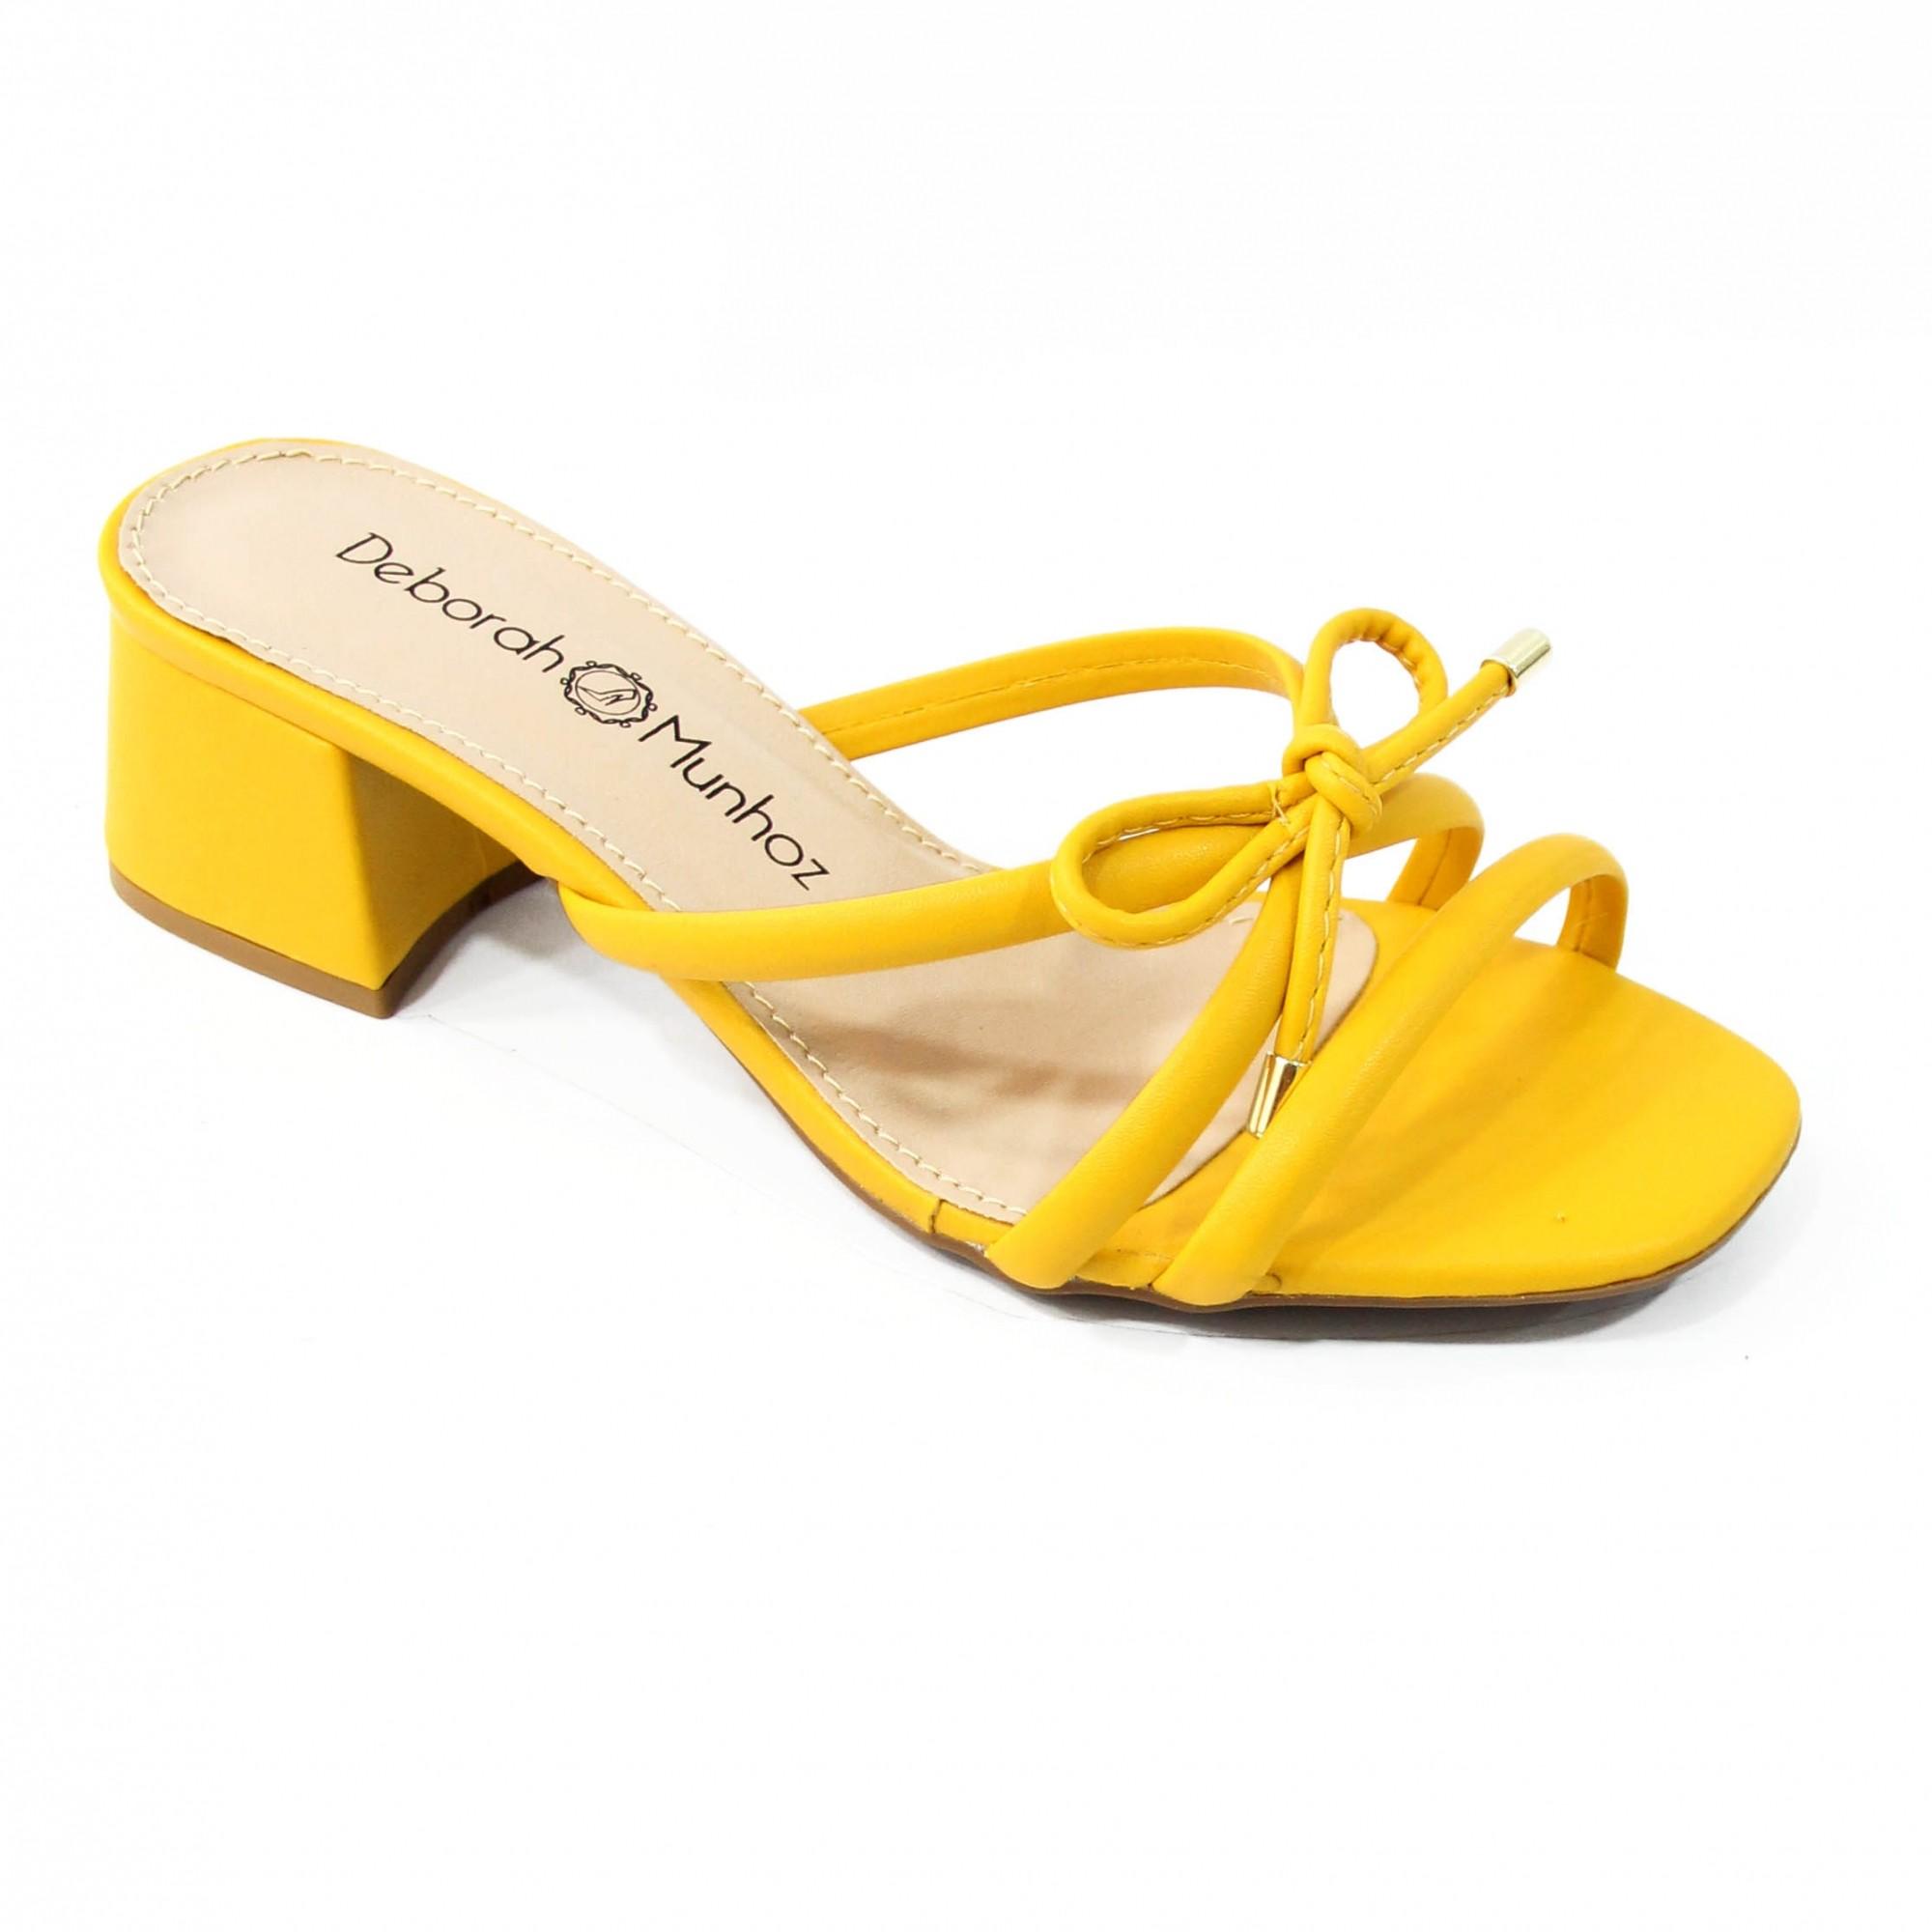 Tamanco Bibi Amarelo by Deborah Munhoz